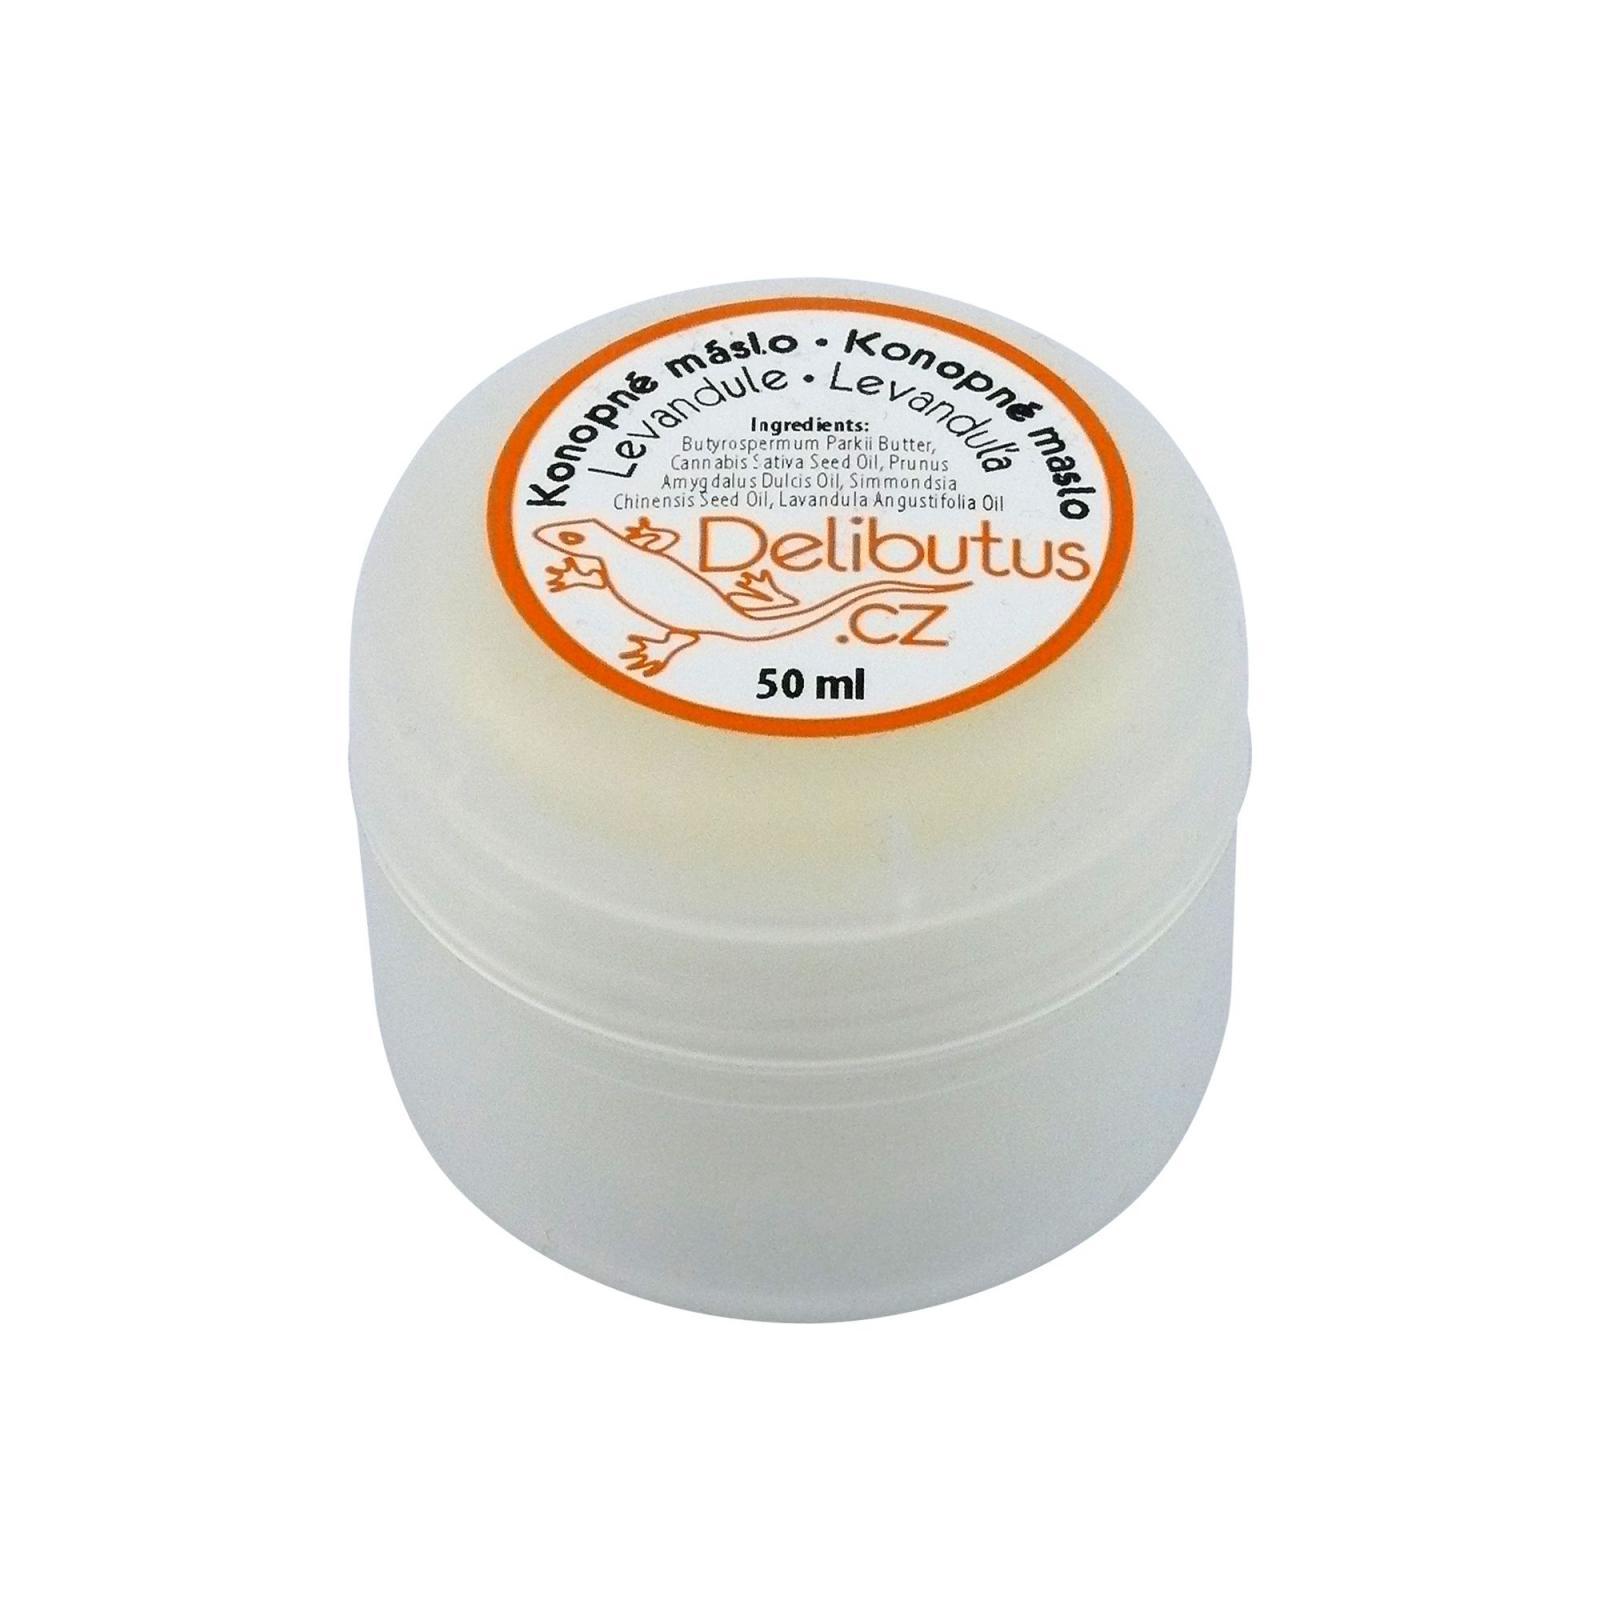 Delibutus Konopné máslo Levandule 50 ml